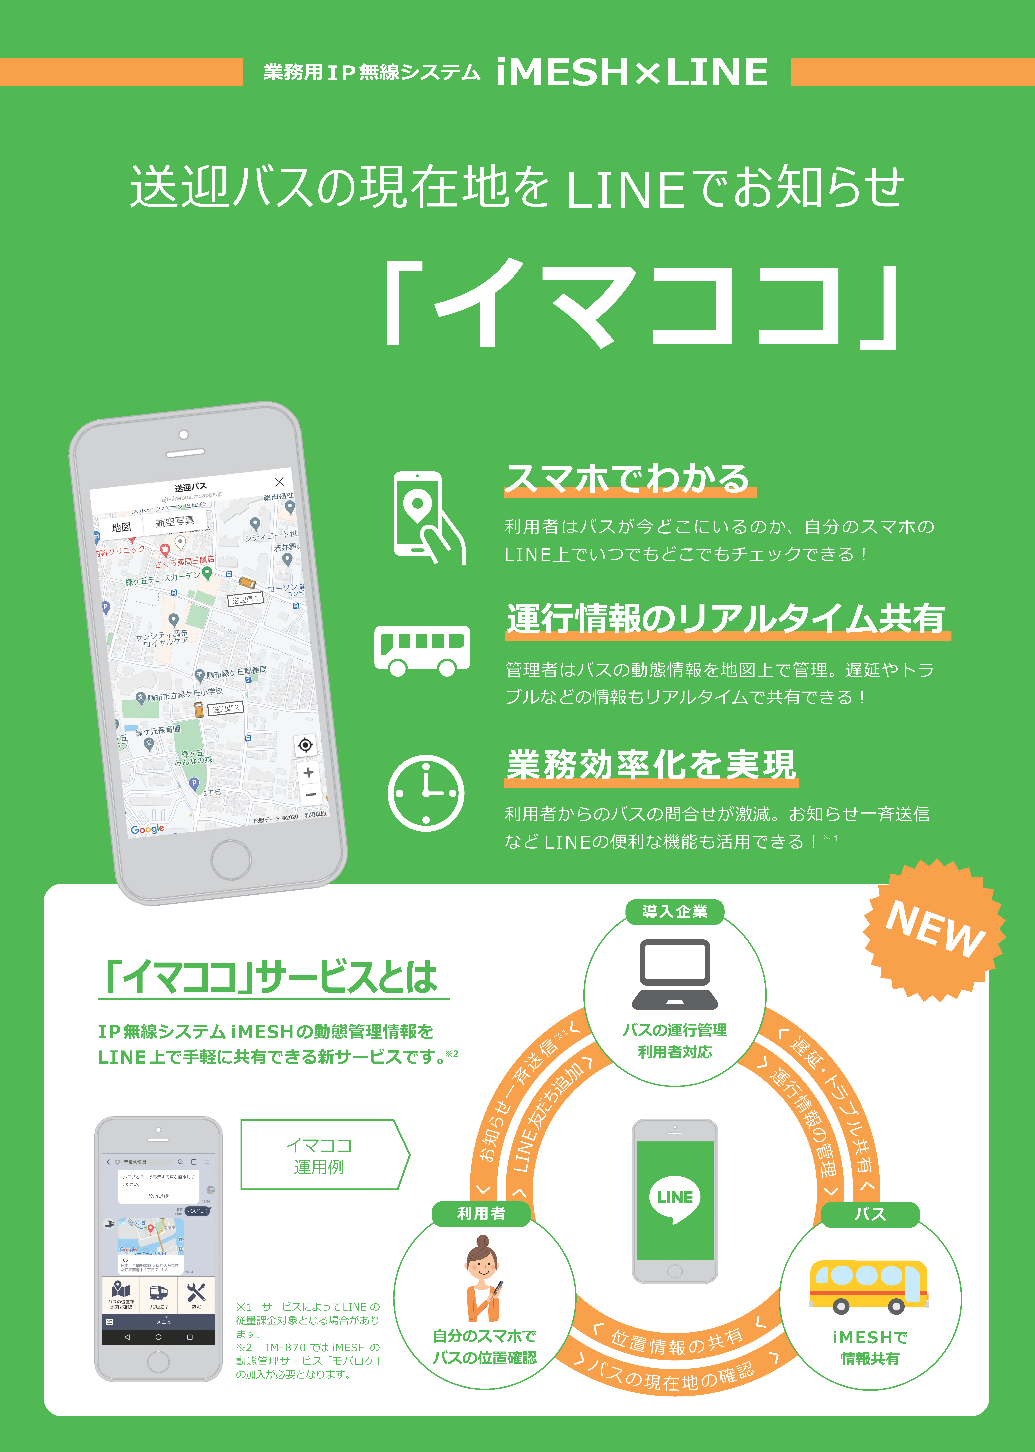 イマココ_iMESH_LINE